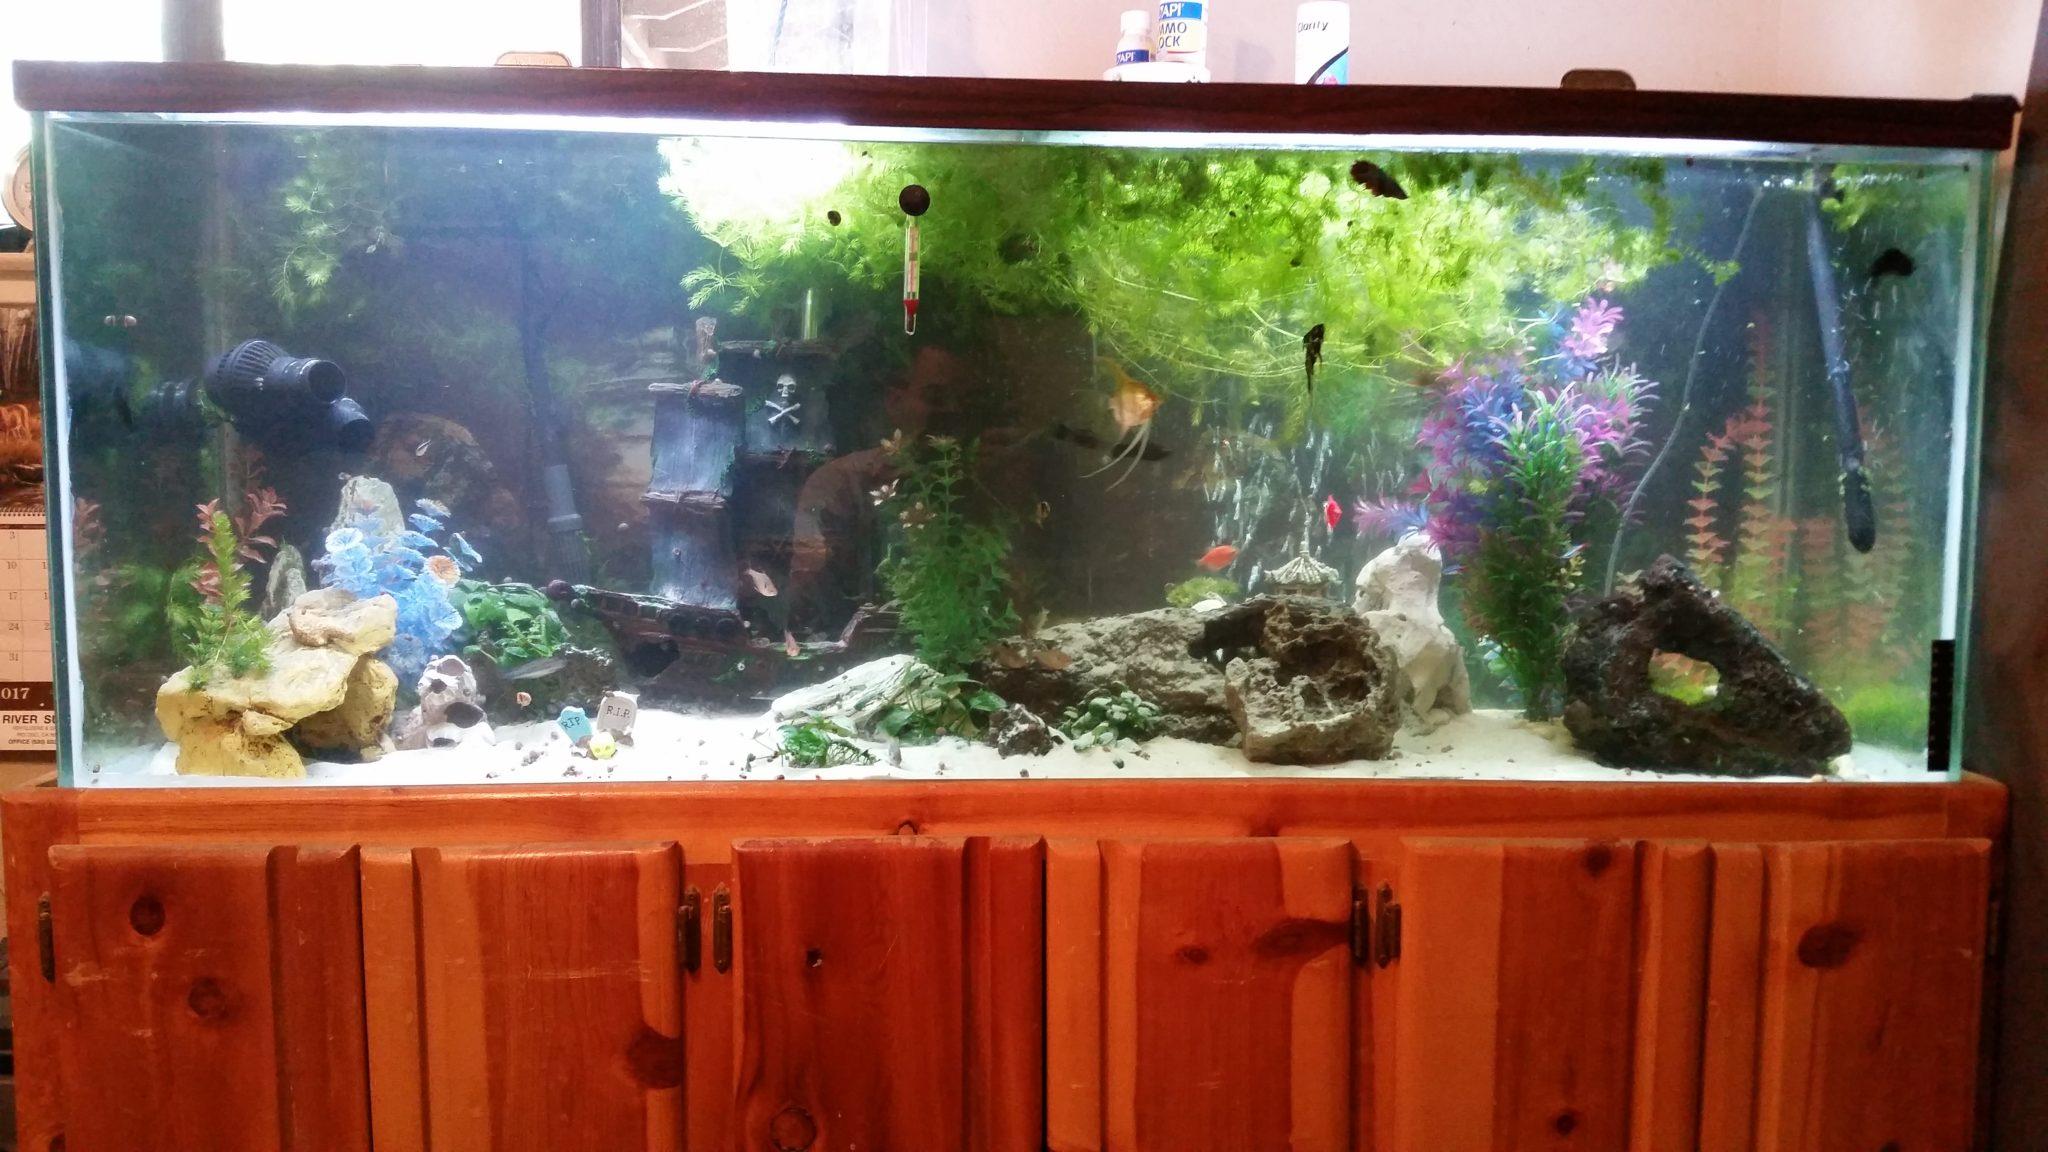 clean-fish-aquarium-service